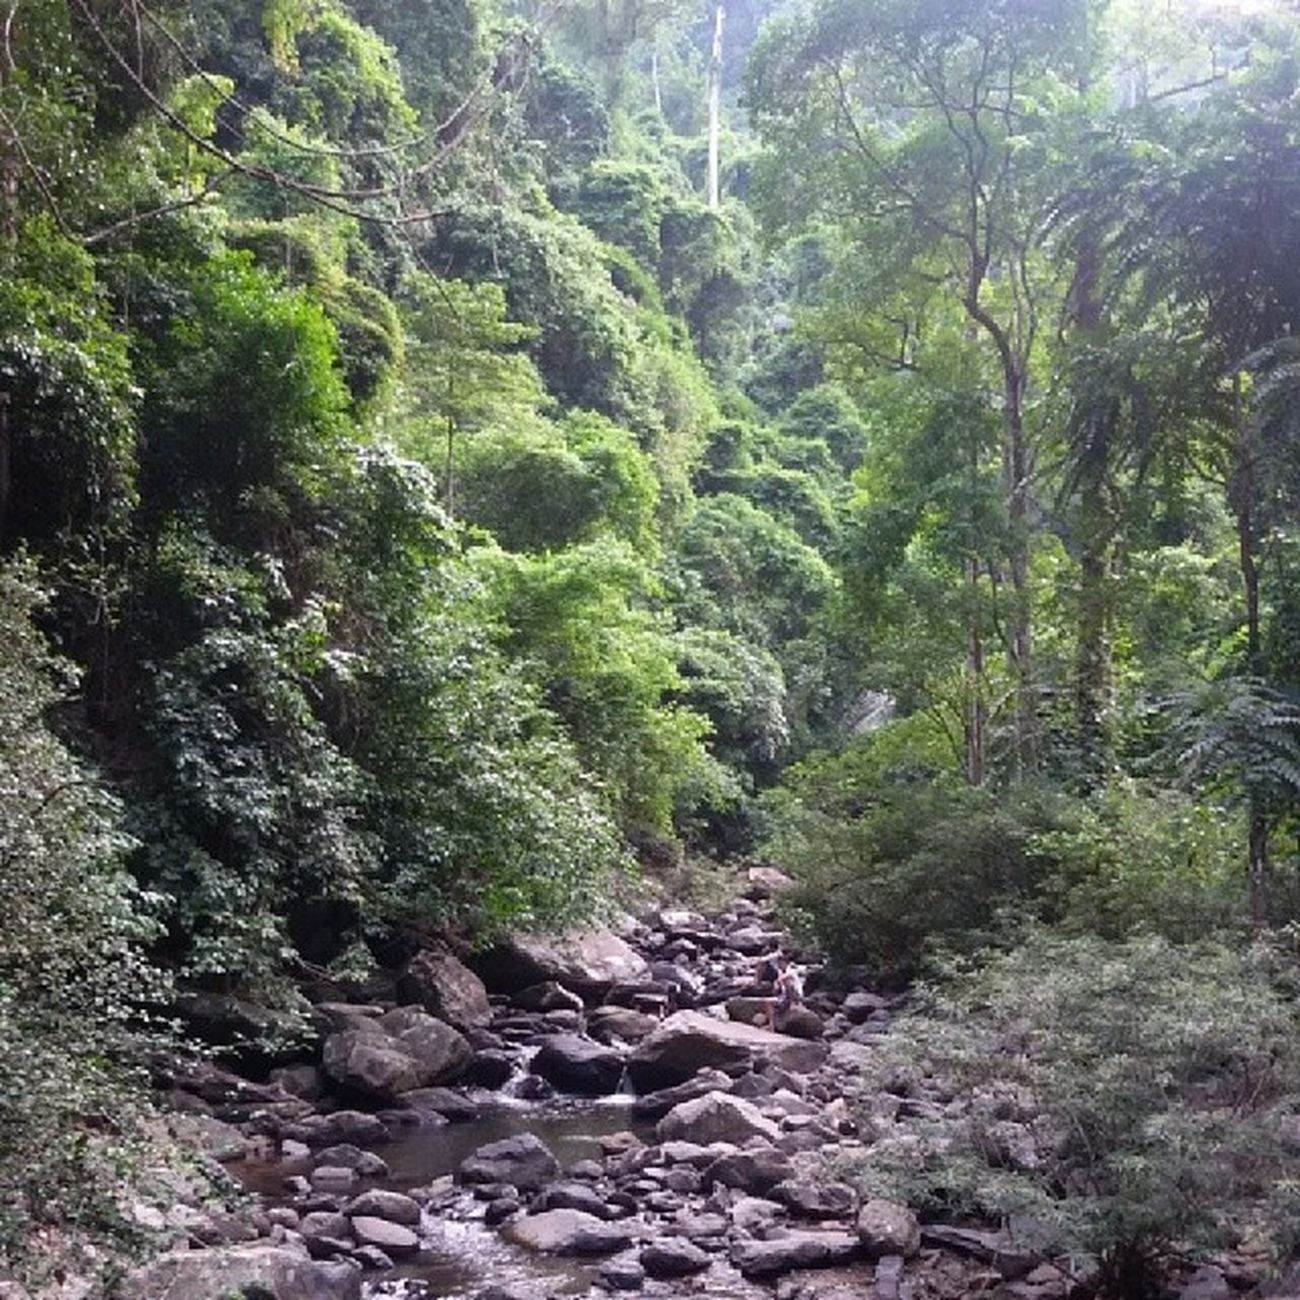 น้ำตกป่าละอู อุทยานแห่งชาติแก่งกะจาน ร่มรื่น ร่มเย็น เขียวขจี ????